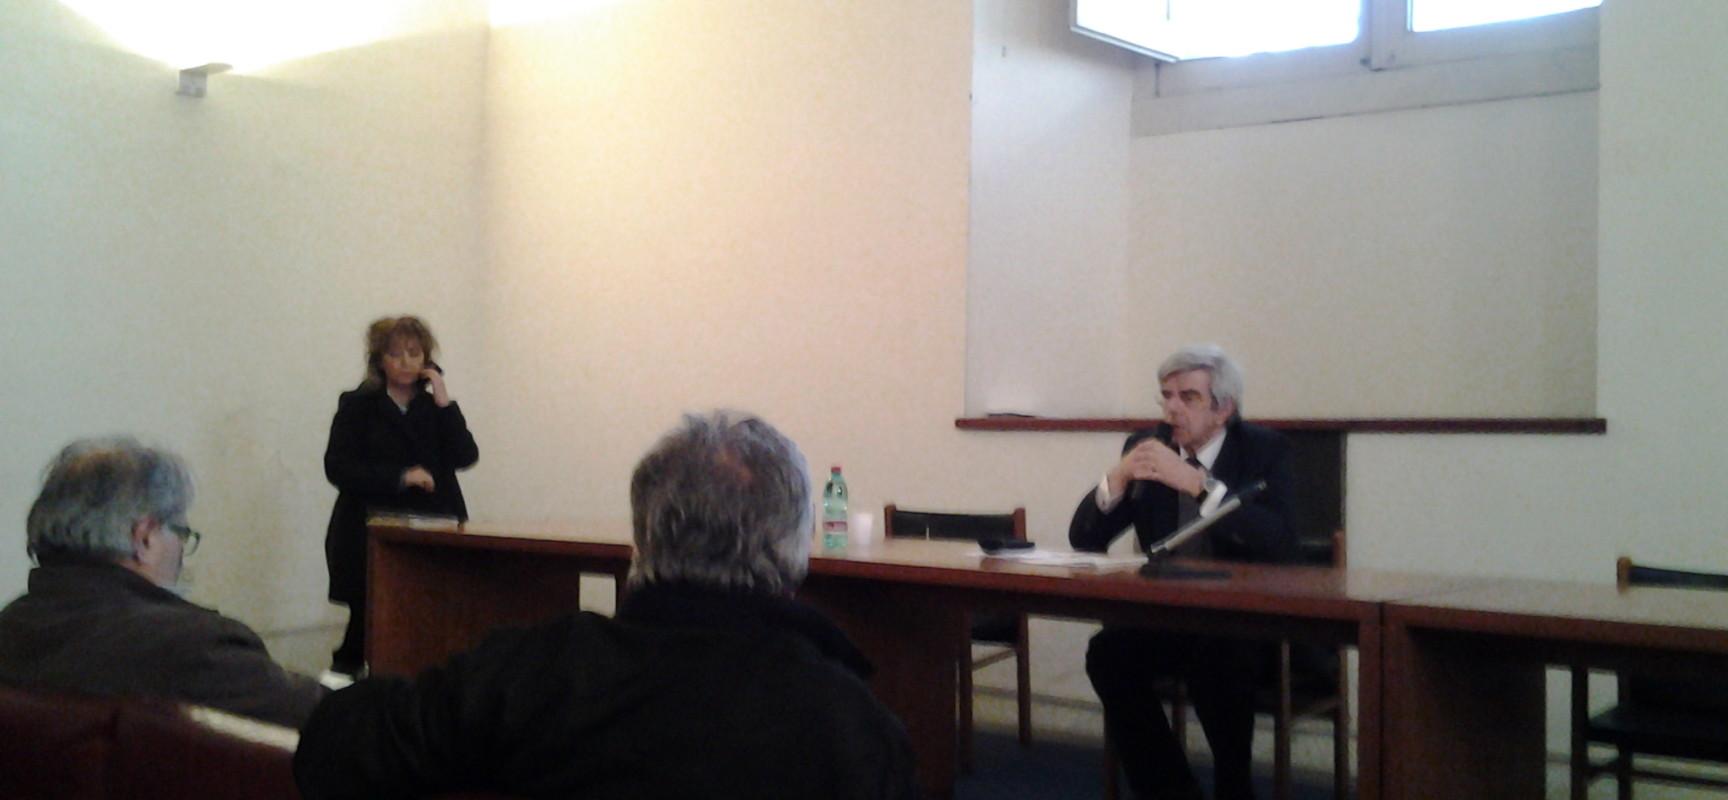 Luciano Garella, Maggiore assennatezza, no protagnismi, uffici accessibili a tutti e piazza Plebiscito nuovo regolamento